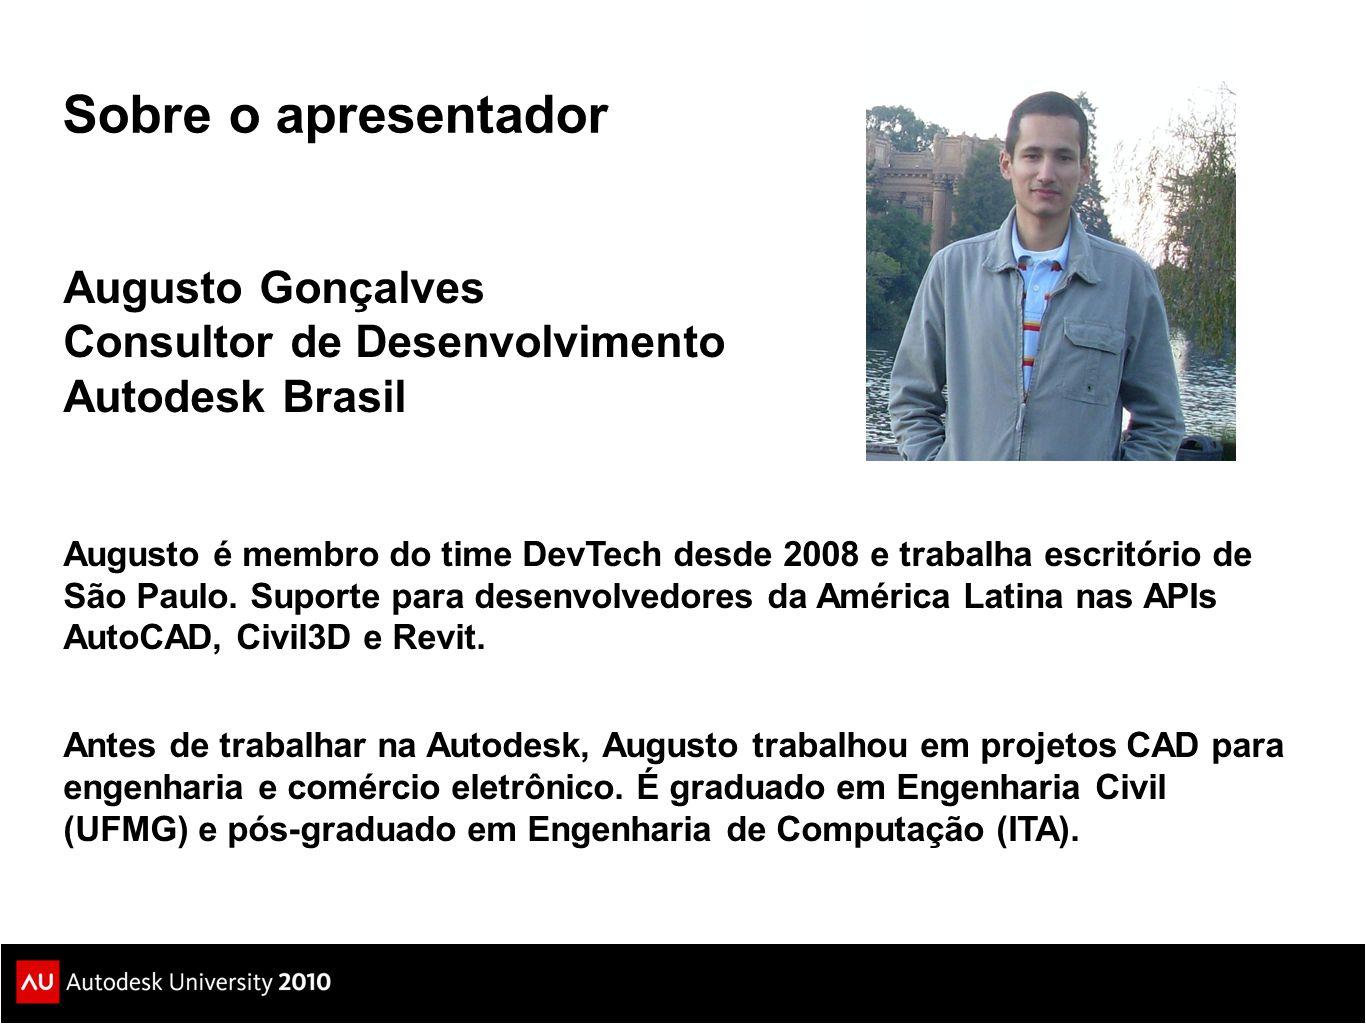 Augusto Gonçalves Consultor de Desenvolvimento Autodesk Brasil Augusto é membro do time DevTech desde 2008 e trabalha escritório de São Paulo. Suporte